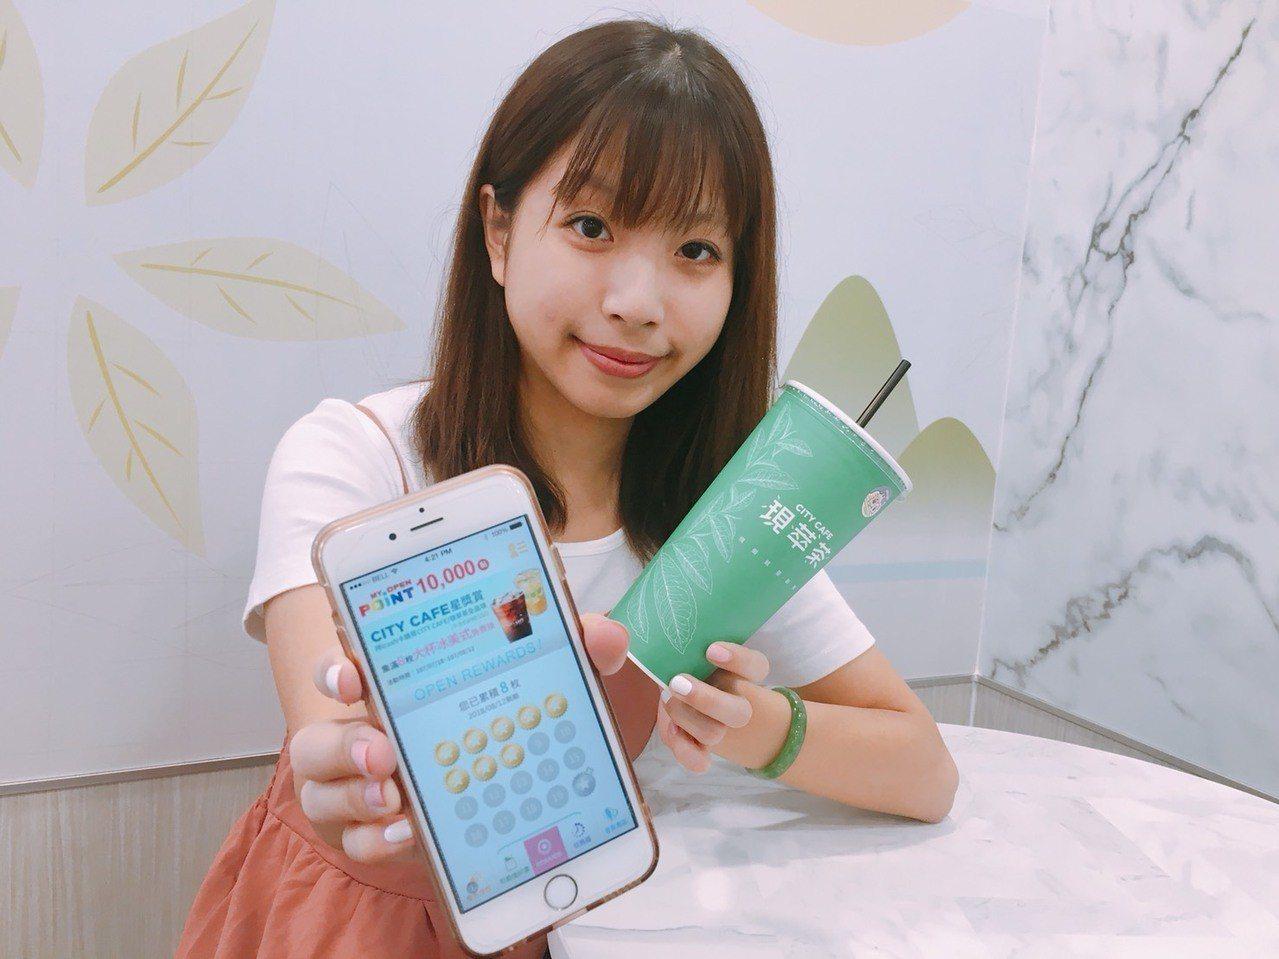 8月12日前持icash購買CITY CAFÉ及現萃茶全品項任一商品可得1枚星獎...